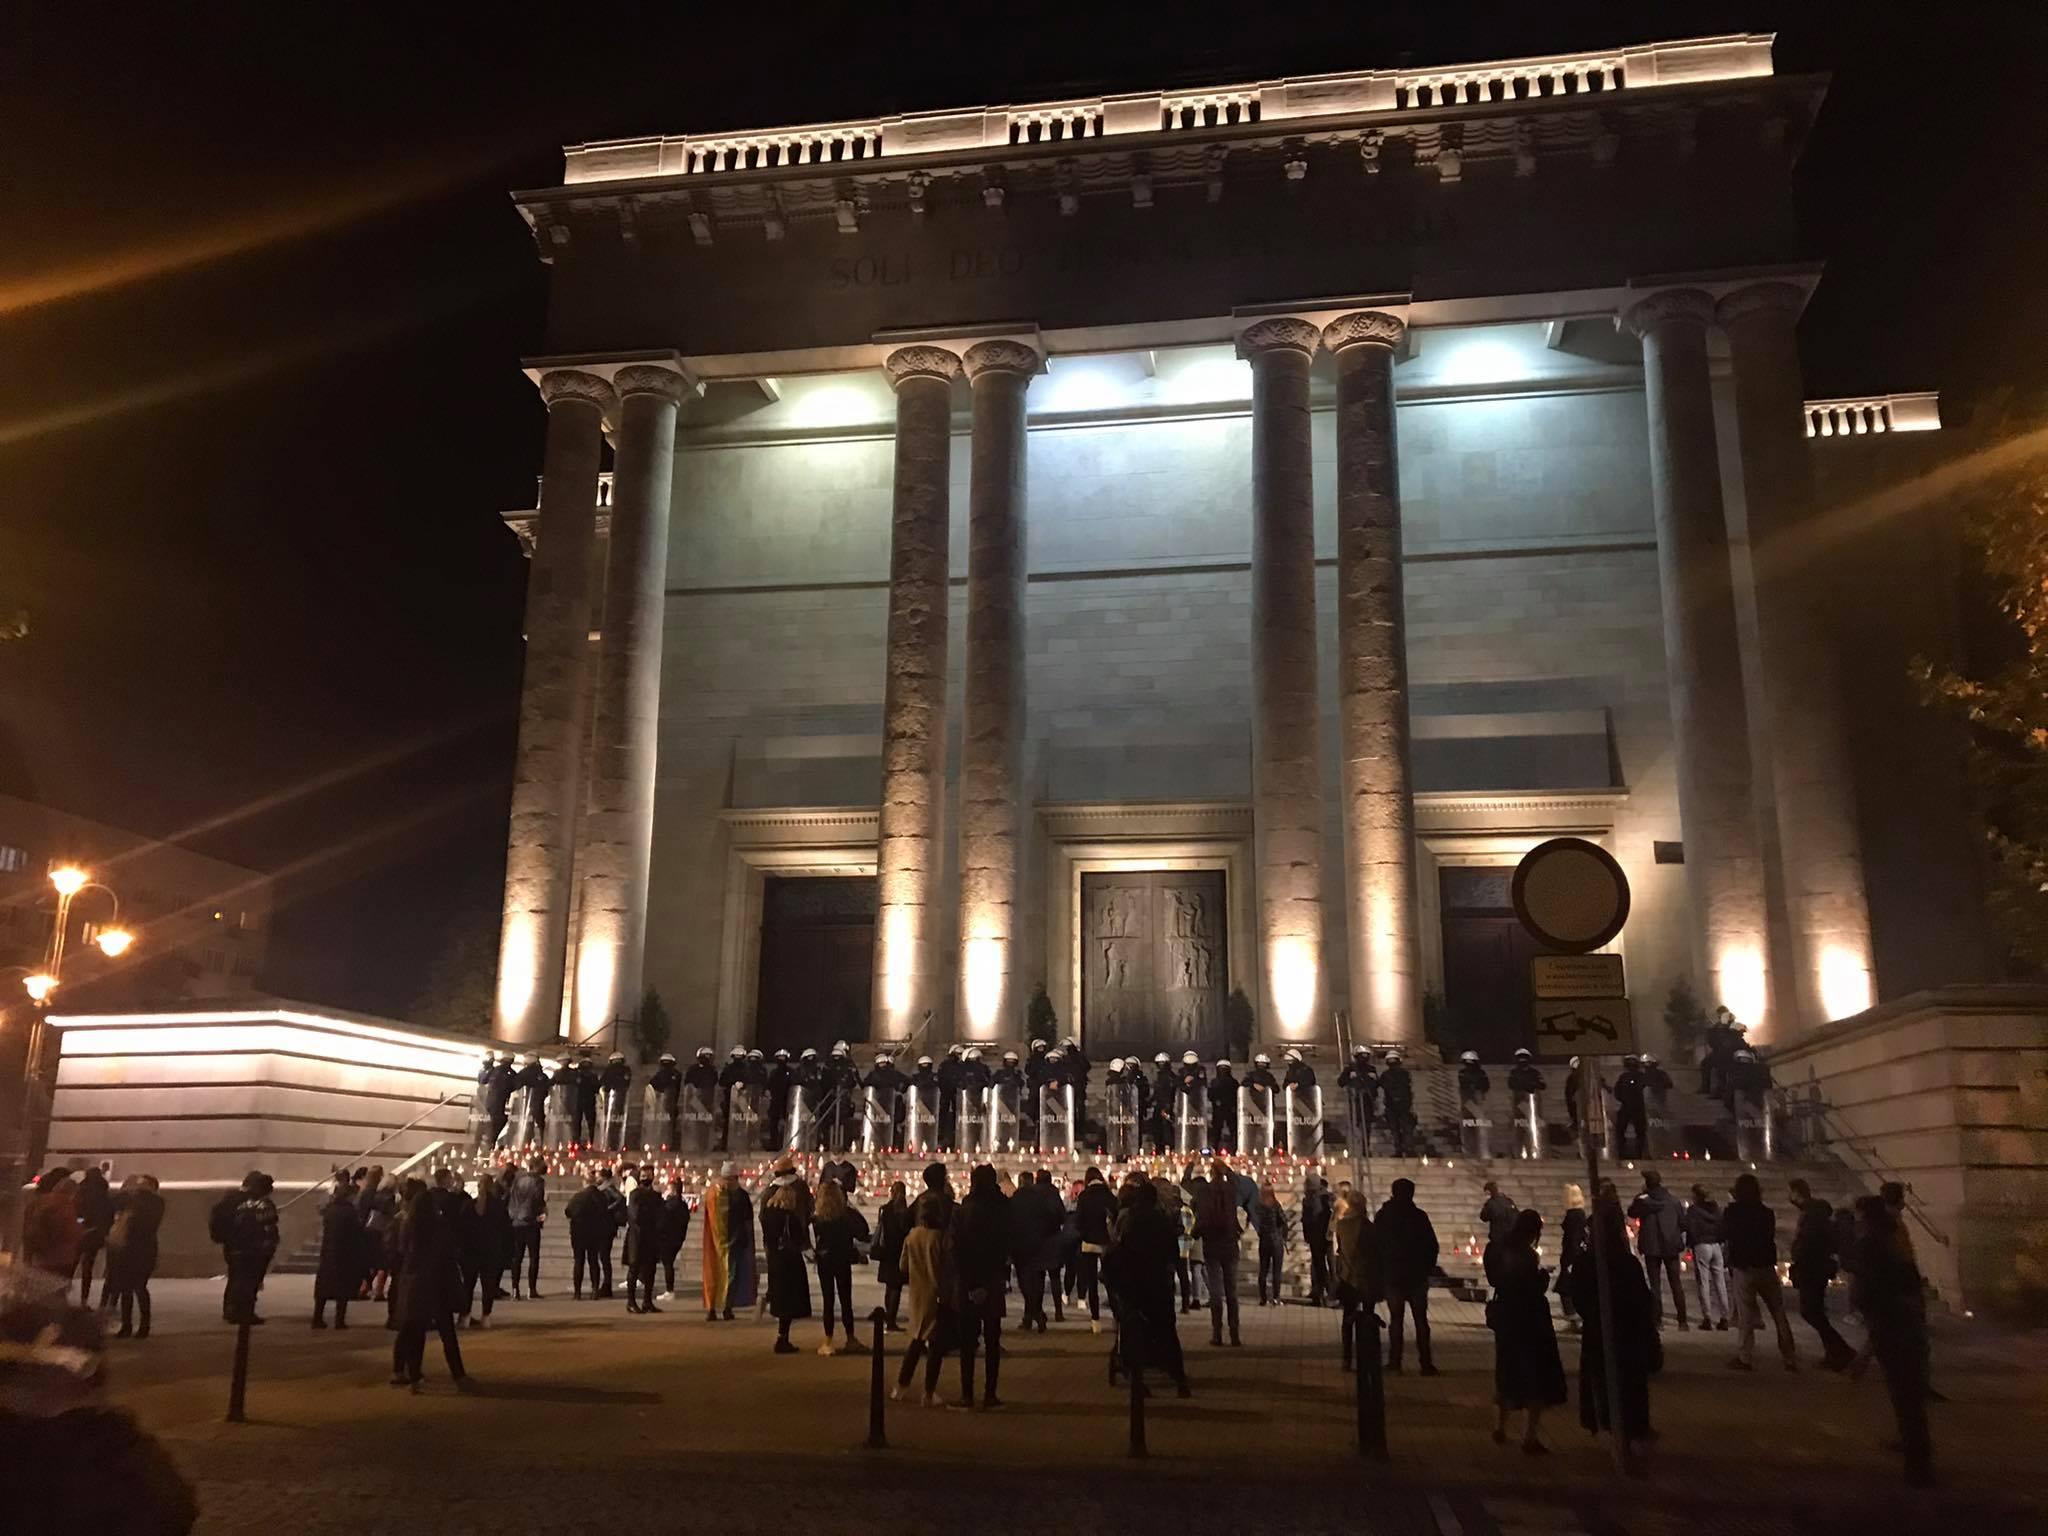 Po zapaleniu zniczy pod archikatedrą tłum zaczął się wykruszać, choć część protestujących podeszła jeszcze pod kurię metropolitalną. [fot. Klara Kucharczyk]